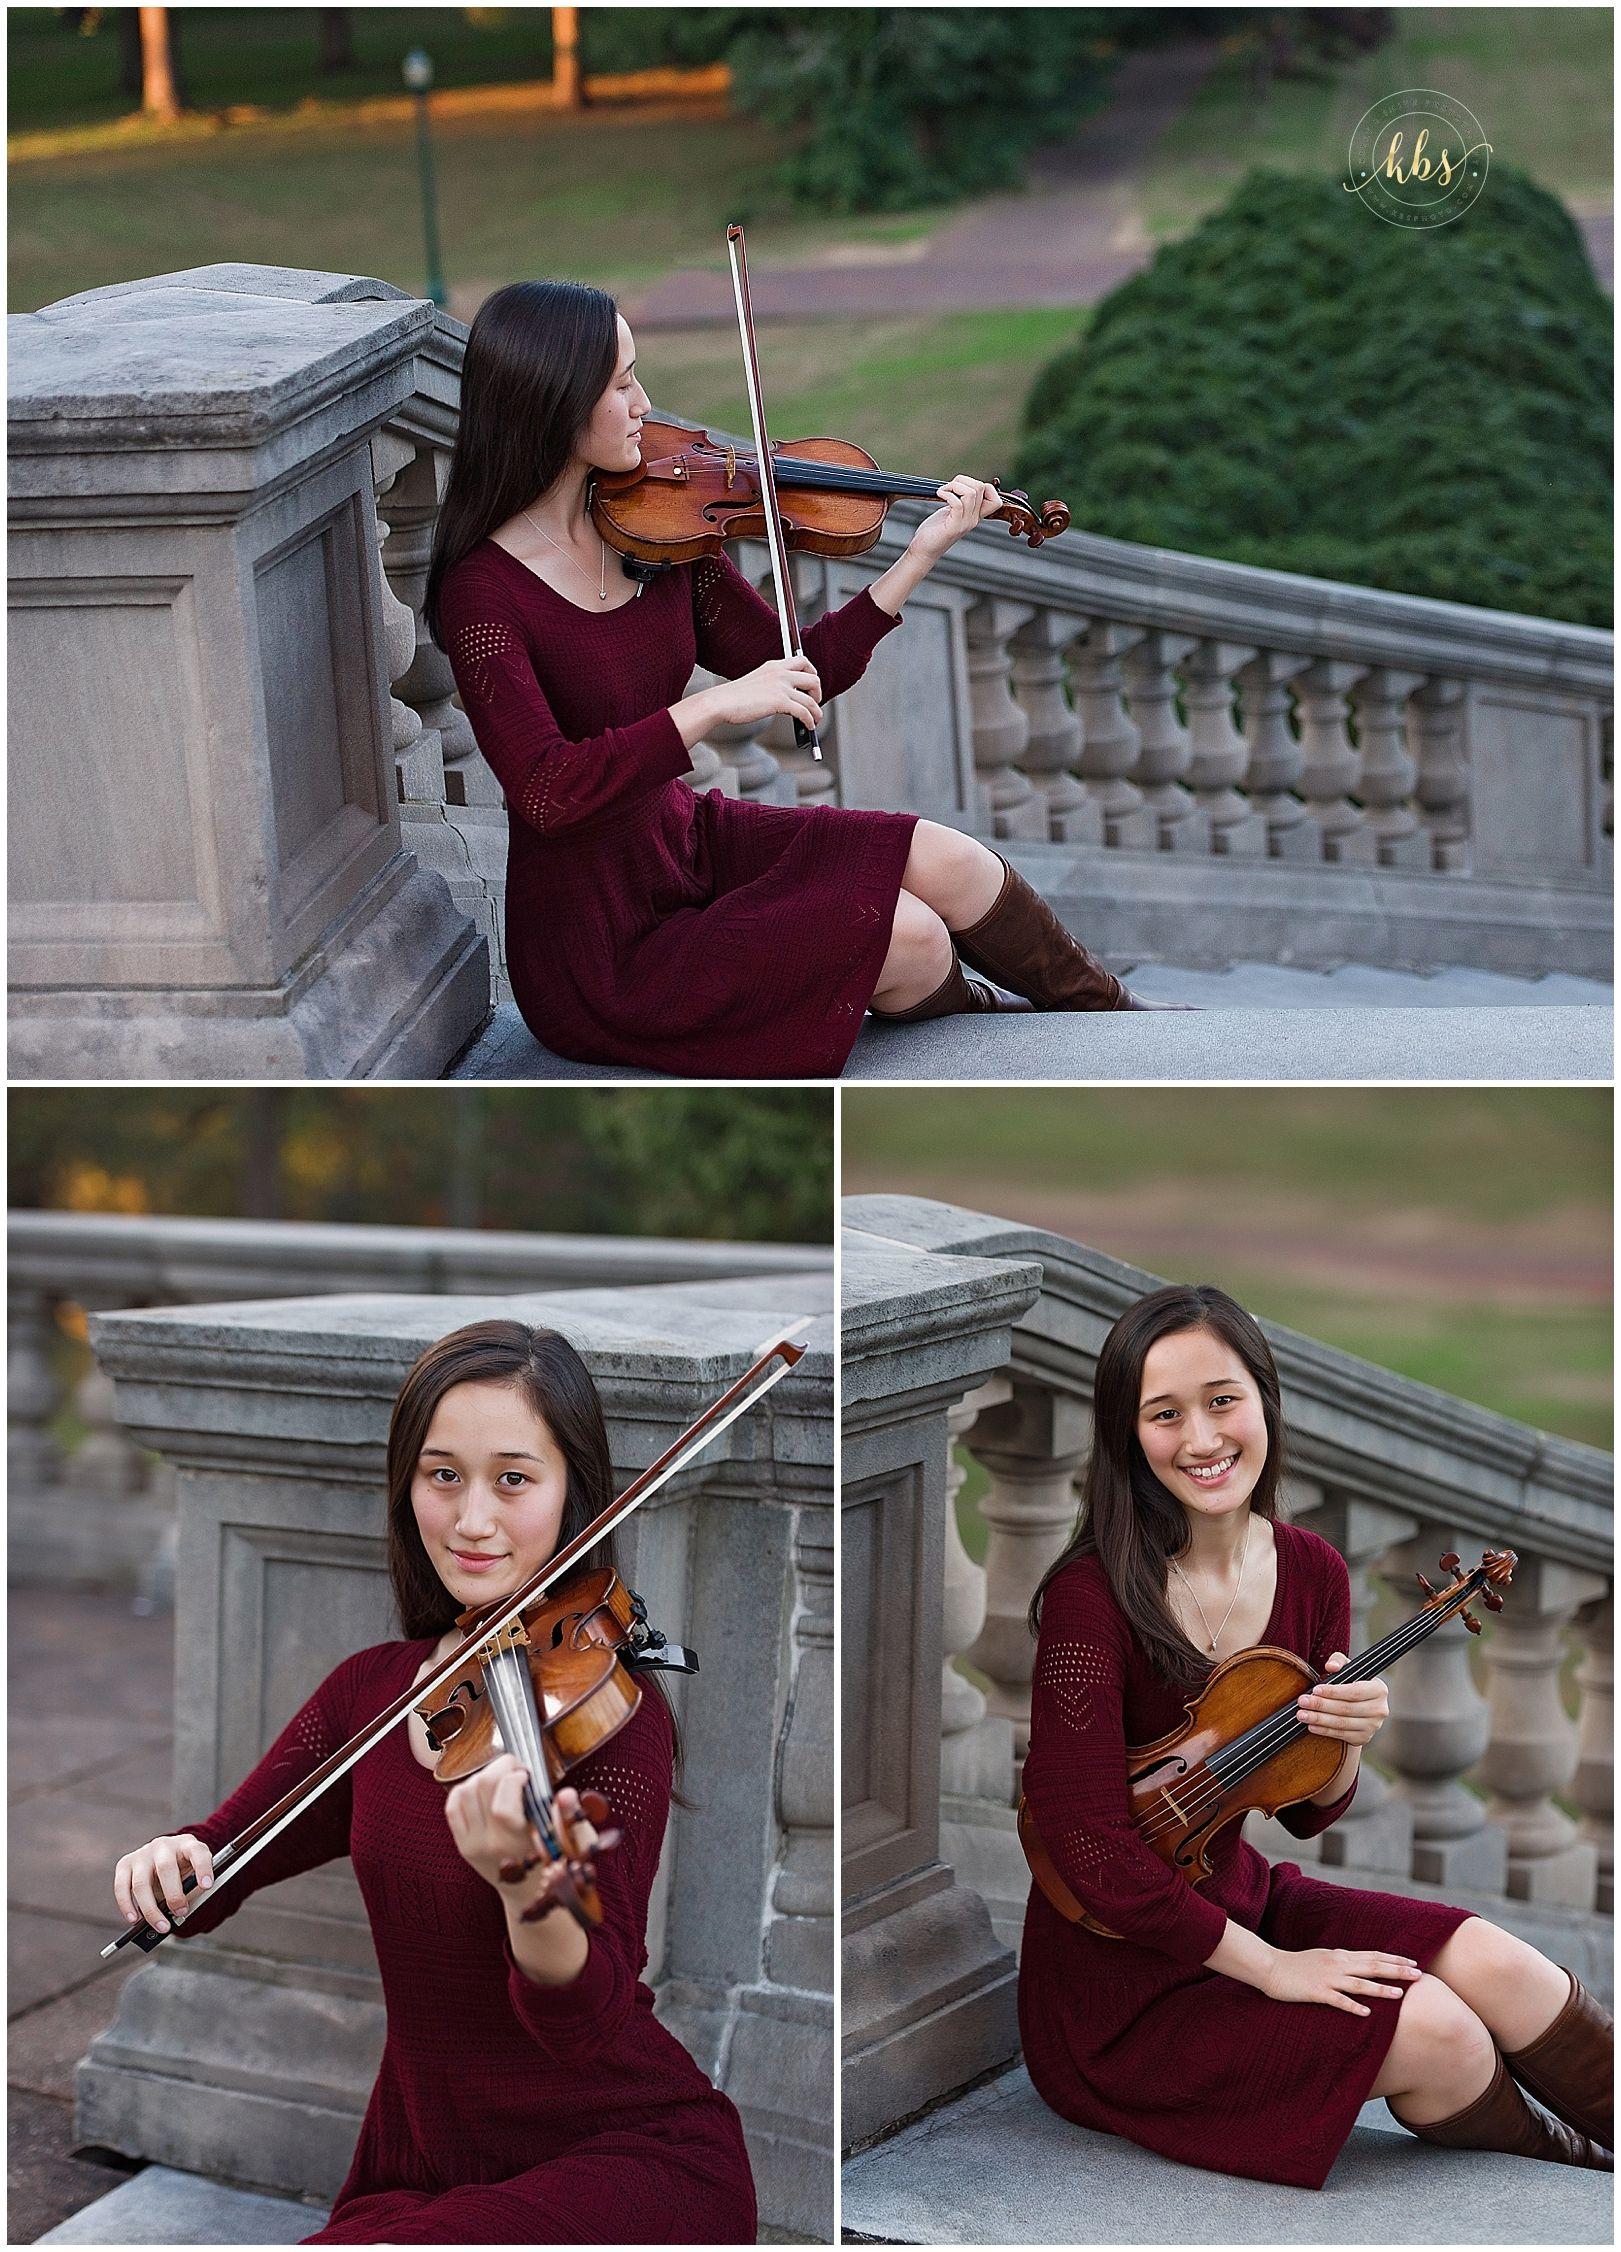 Фотосессия со скрипкой работа в клубе москвы для девушек